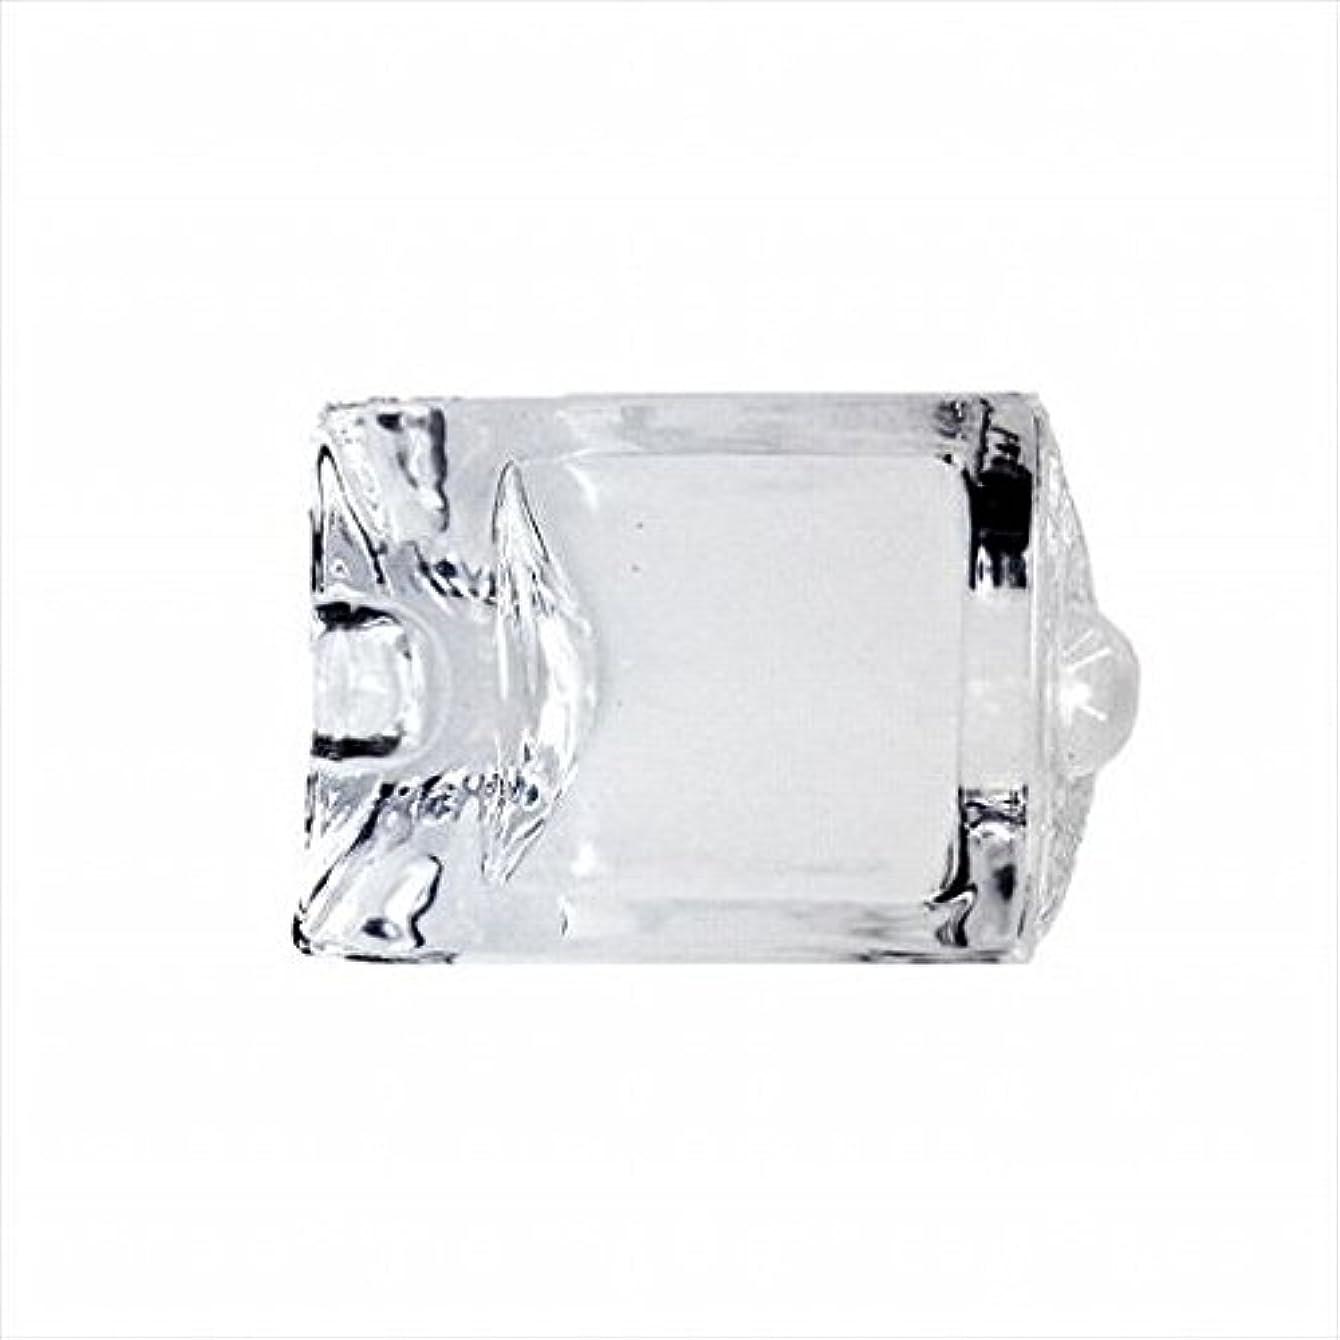 理論的困難魅力的であることへのアピールkameyama candle(カメヤマキャンドル) エンジェルアイジョイント 「 Cホワイト 」 キャンドル 47x28x67mm (I8000104W)